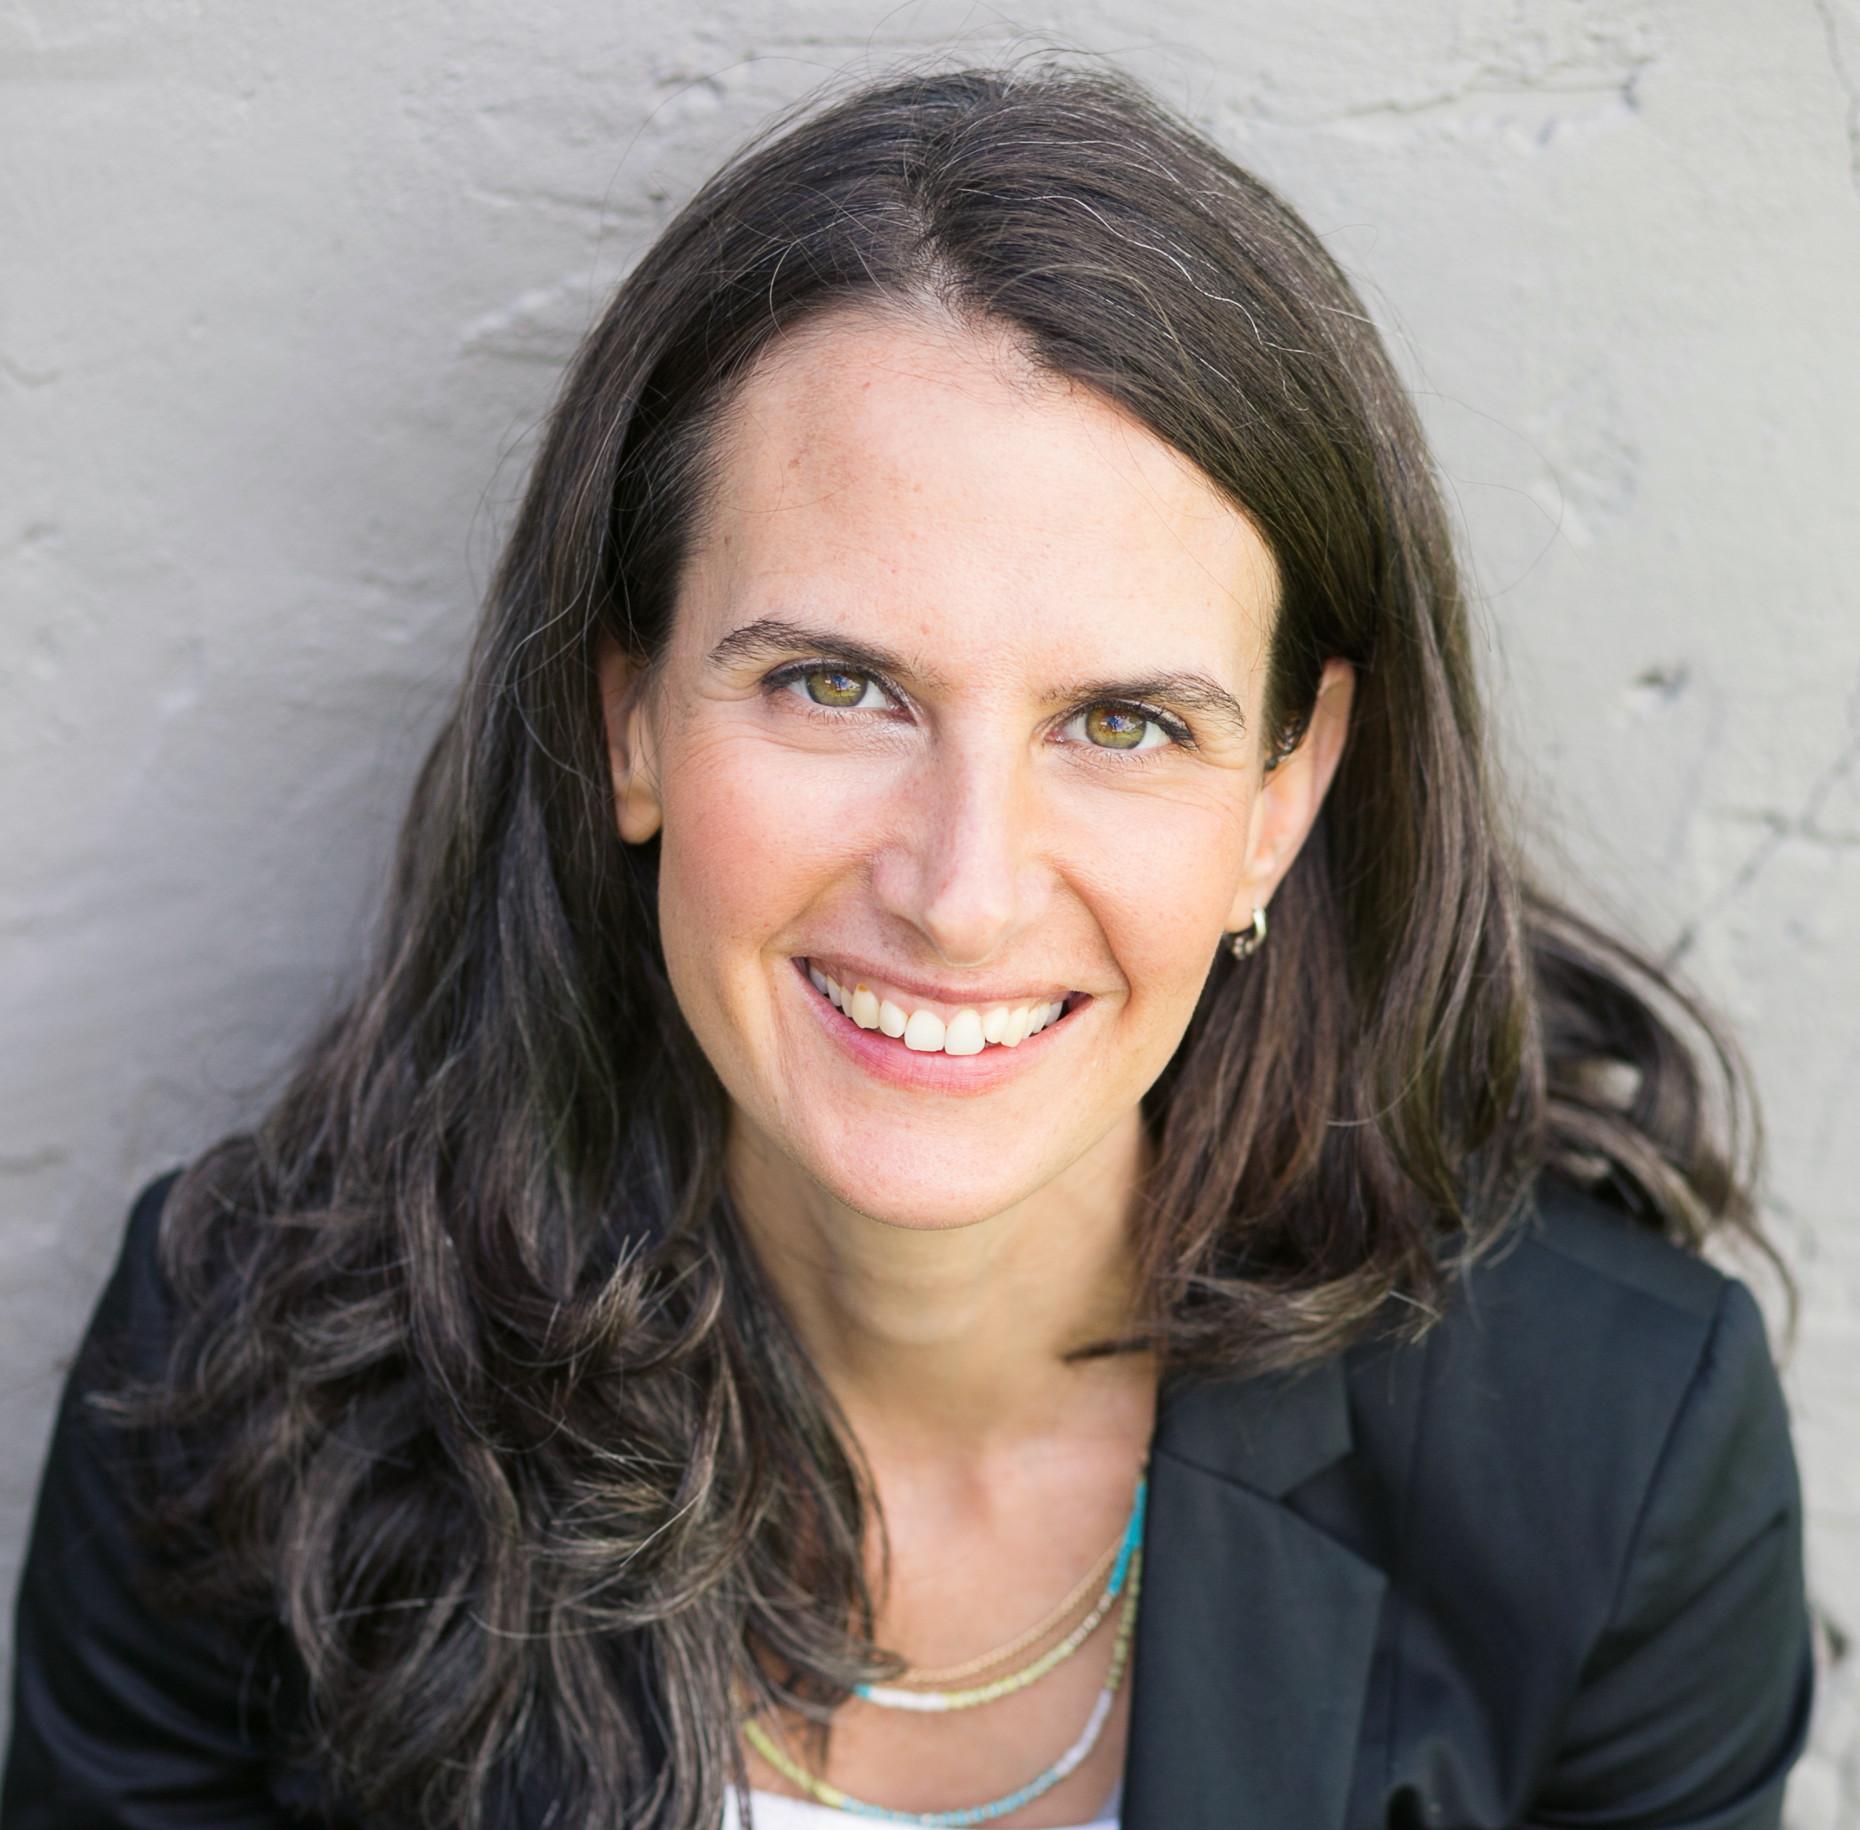 Rachel Schwartzman